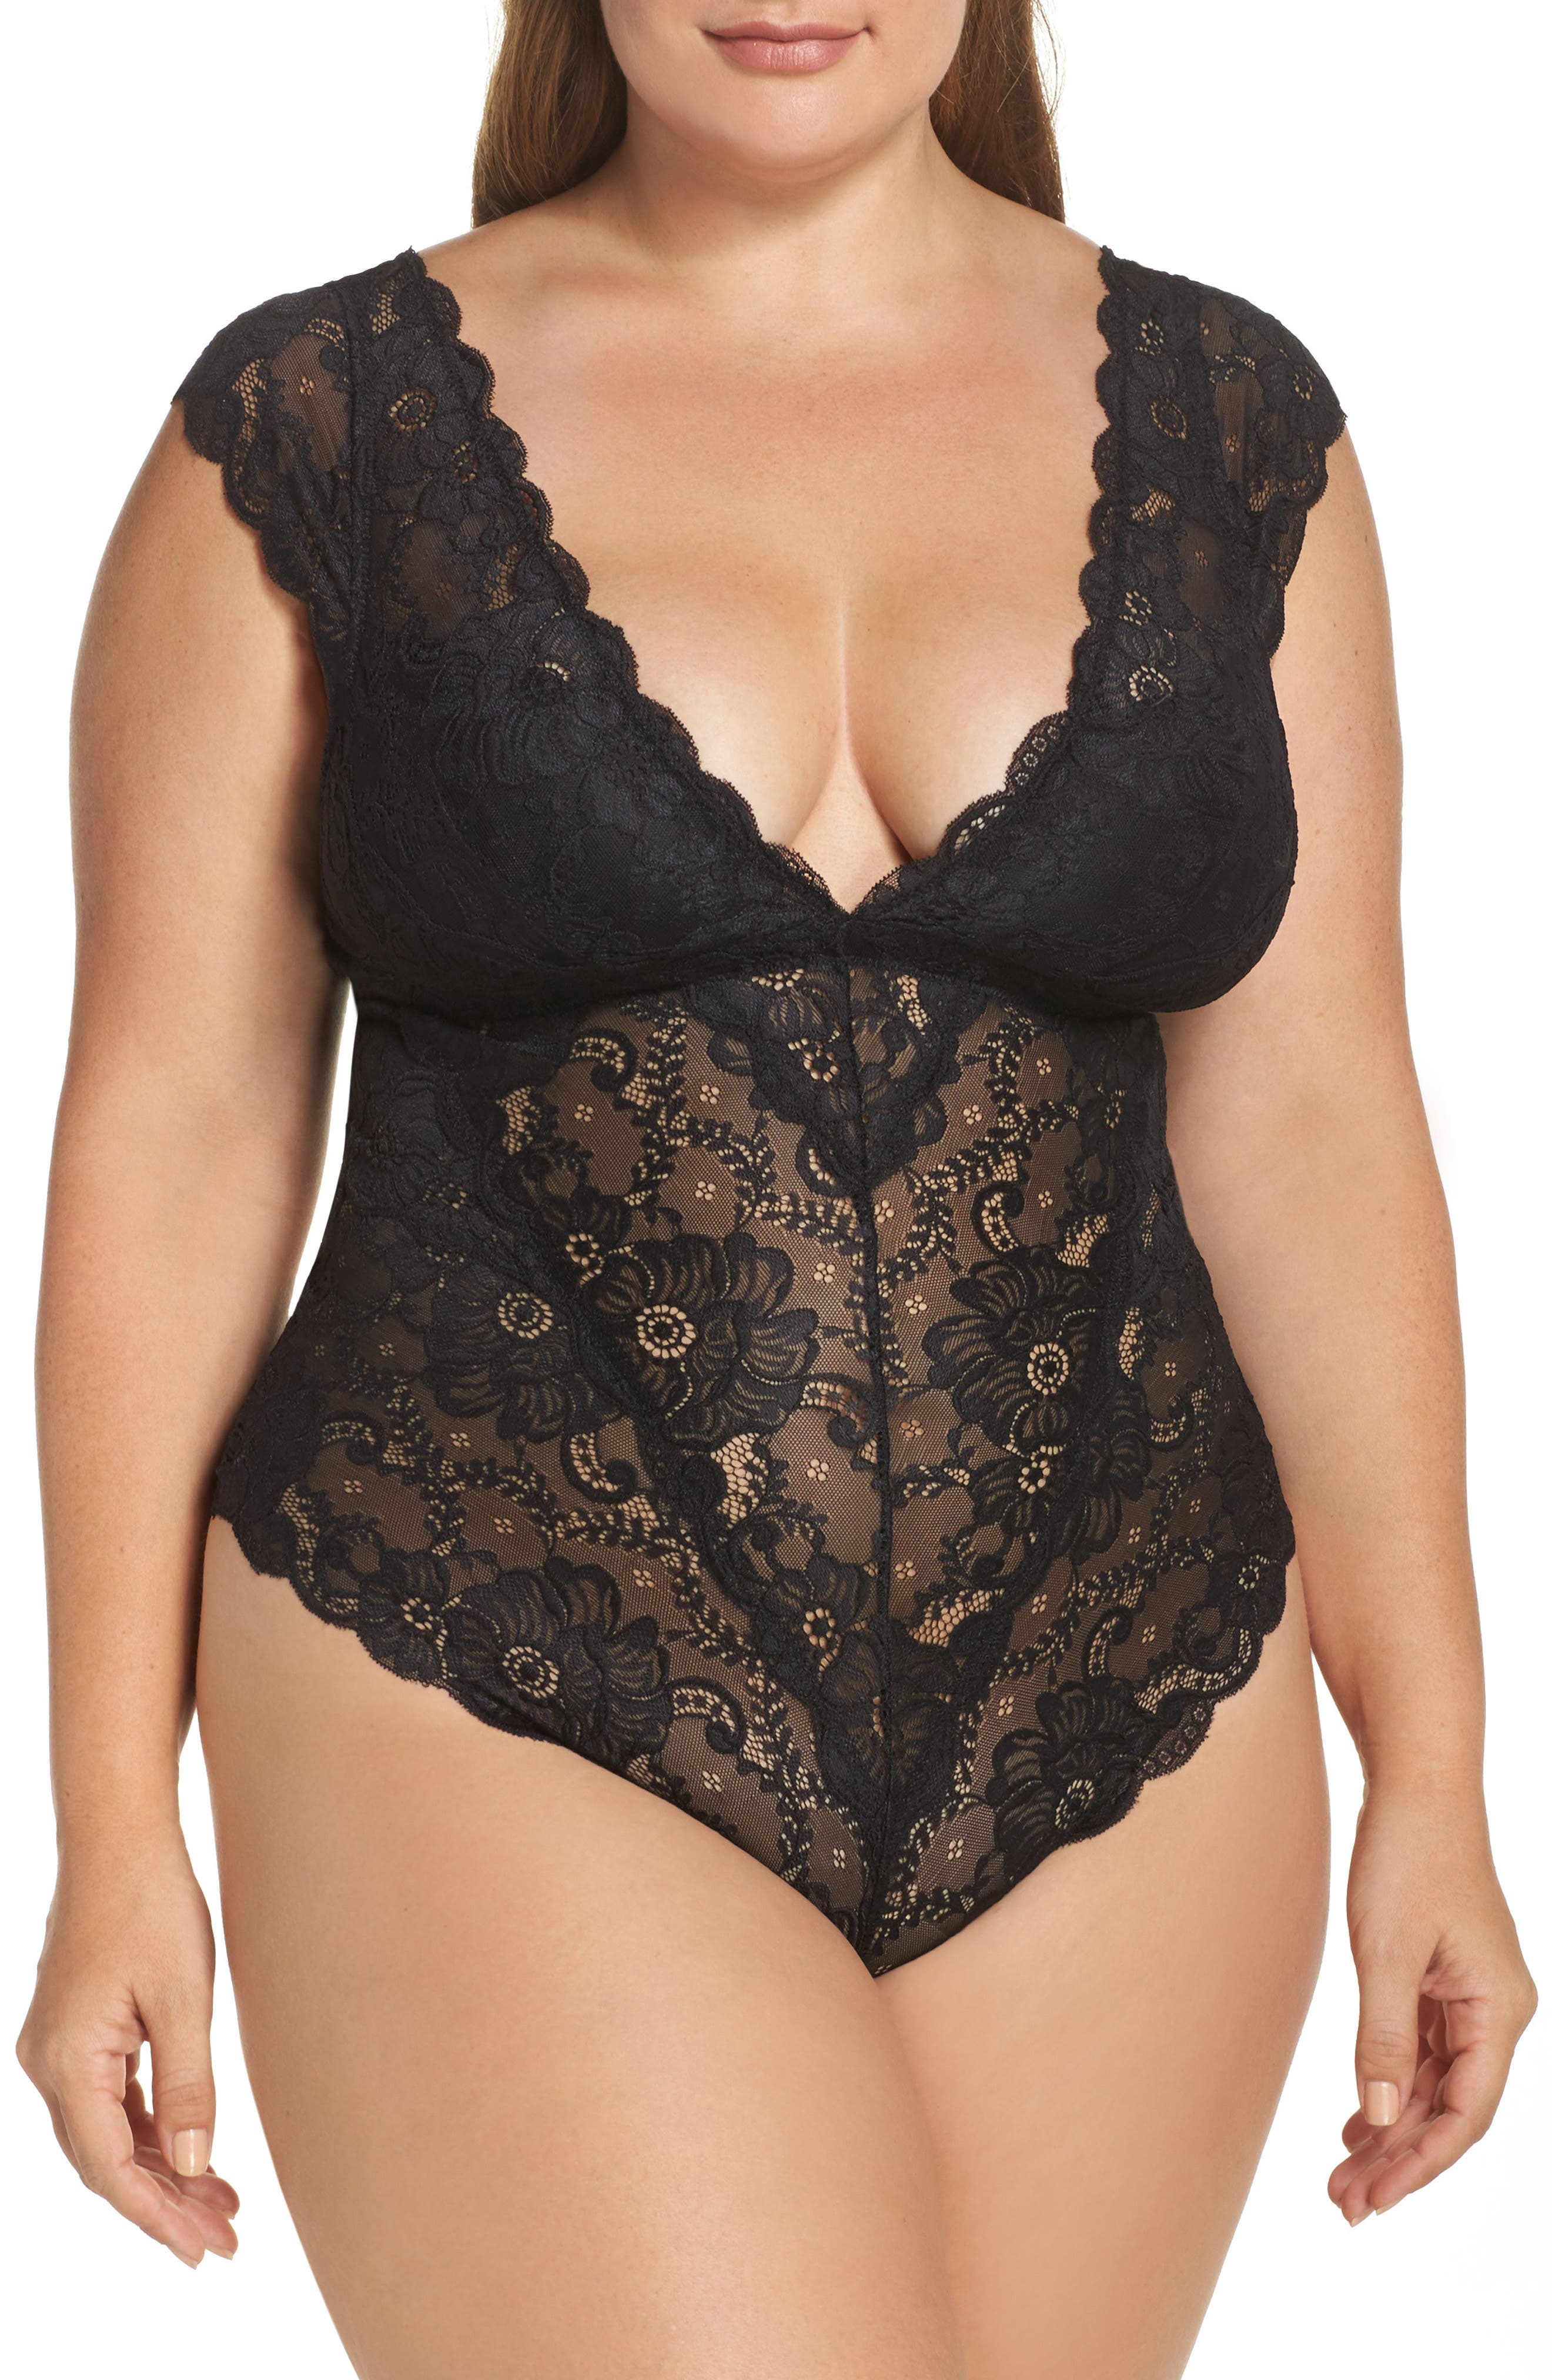 Main Image - Oh La La Cheri Suzette Lace Teddy (Plus Size)